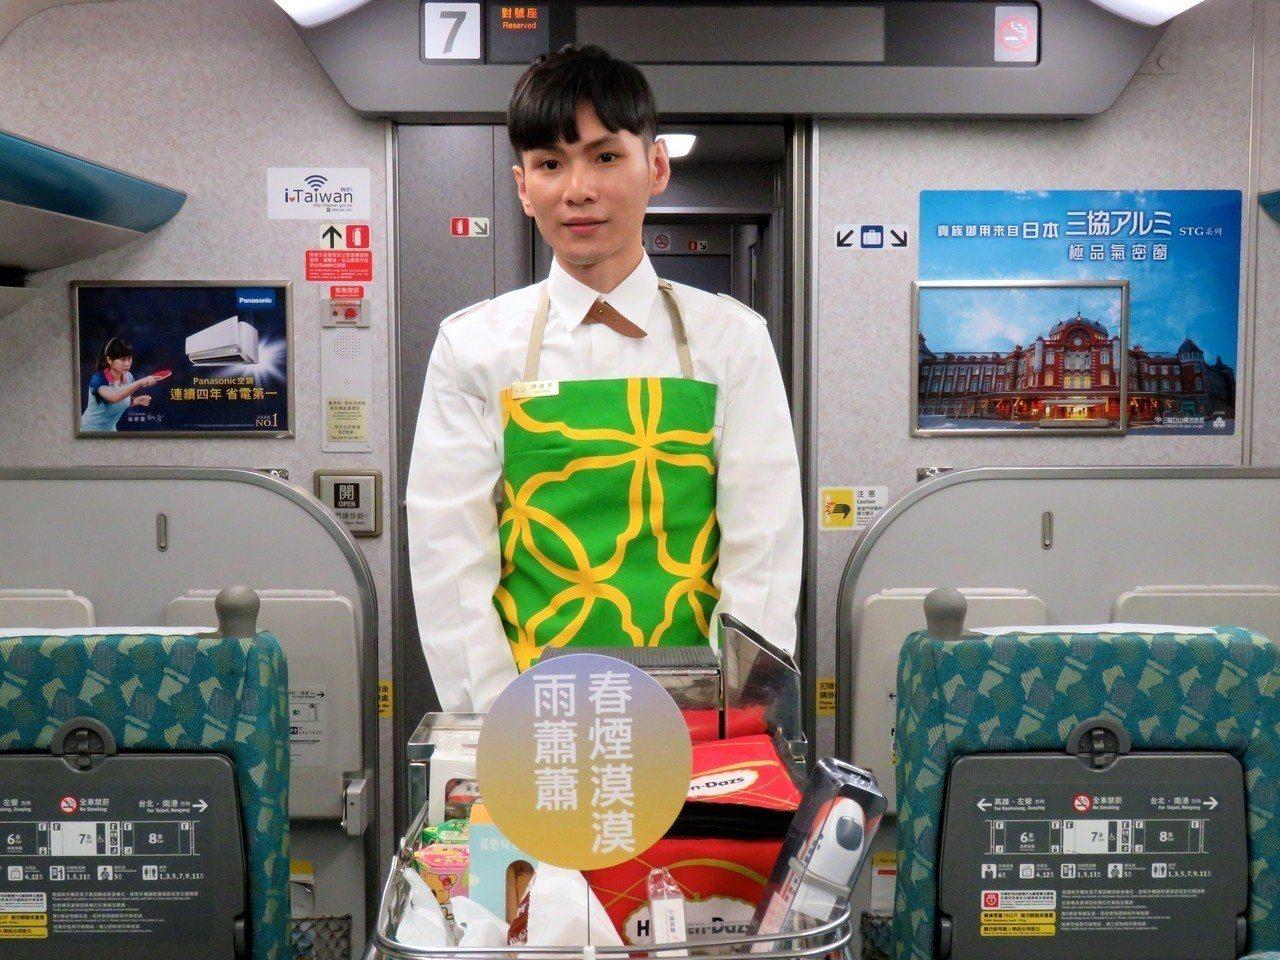 台灣高鐵藝術元年推新活動,即日起服勤員改穿綠色或黃色的藝術圍裙,推車上有詩句的跳...